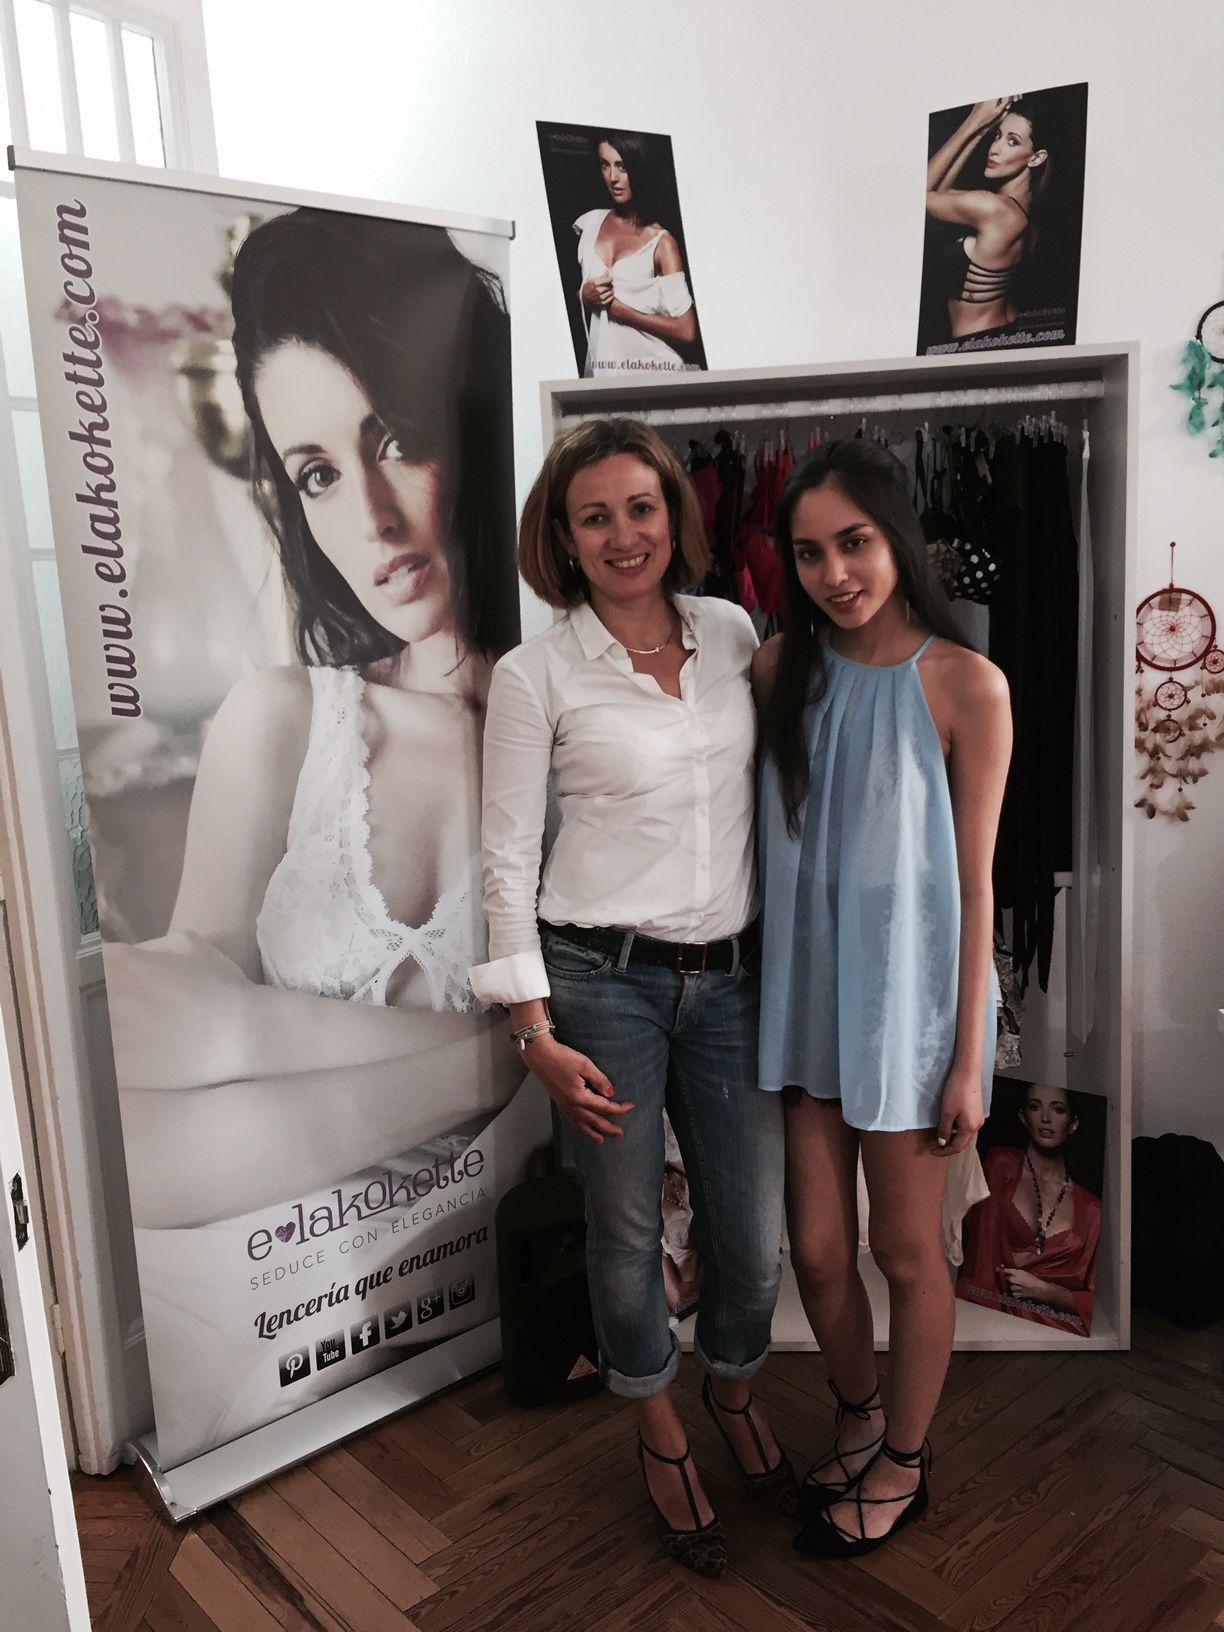 Presentacíón de lenceria elegante sexy presentación con bloguera Maria Jose de Glamour